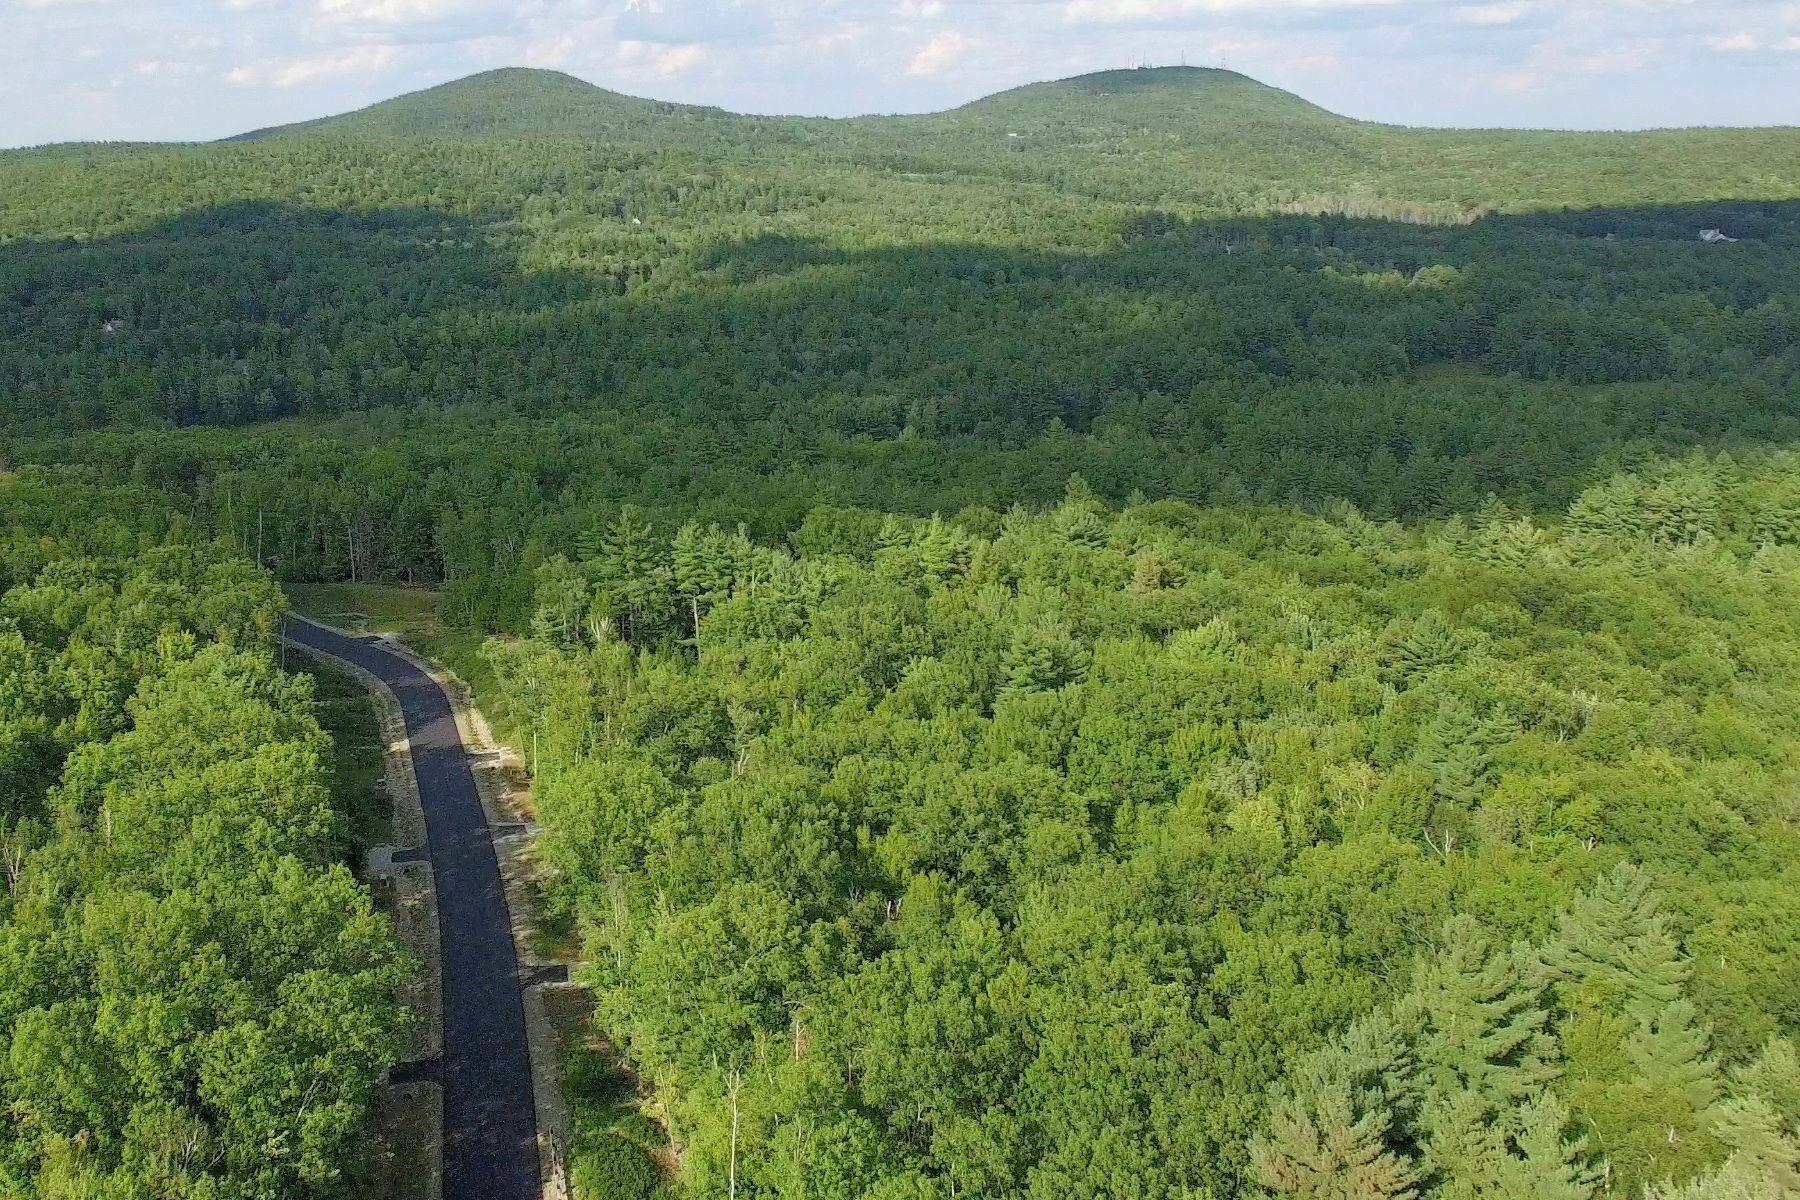 土地,用地 为 销售 在 89-18L Indian Falls Road New Boston, 新罕布什尔州 03070 美国